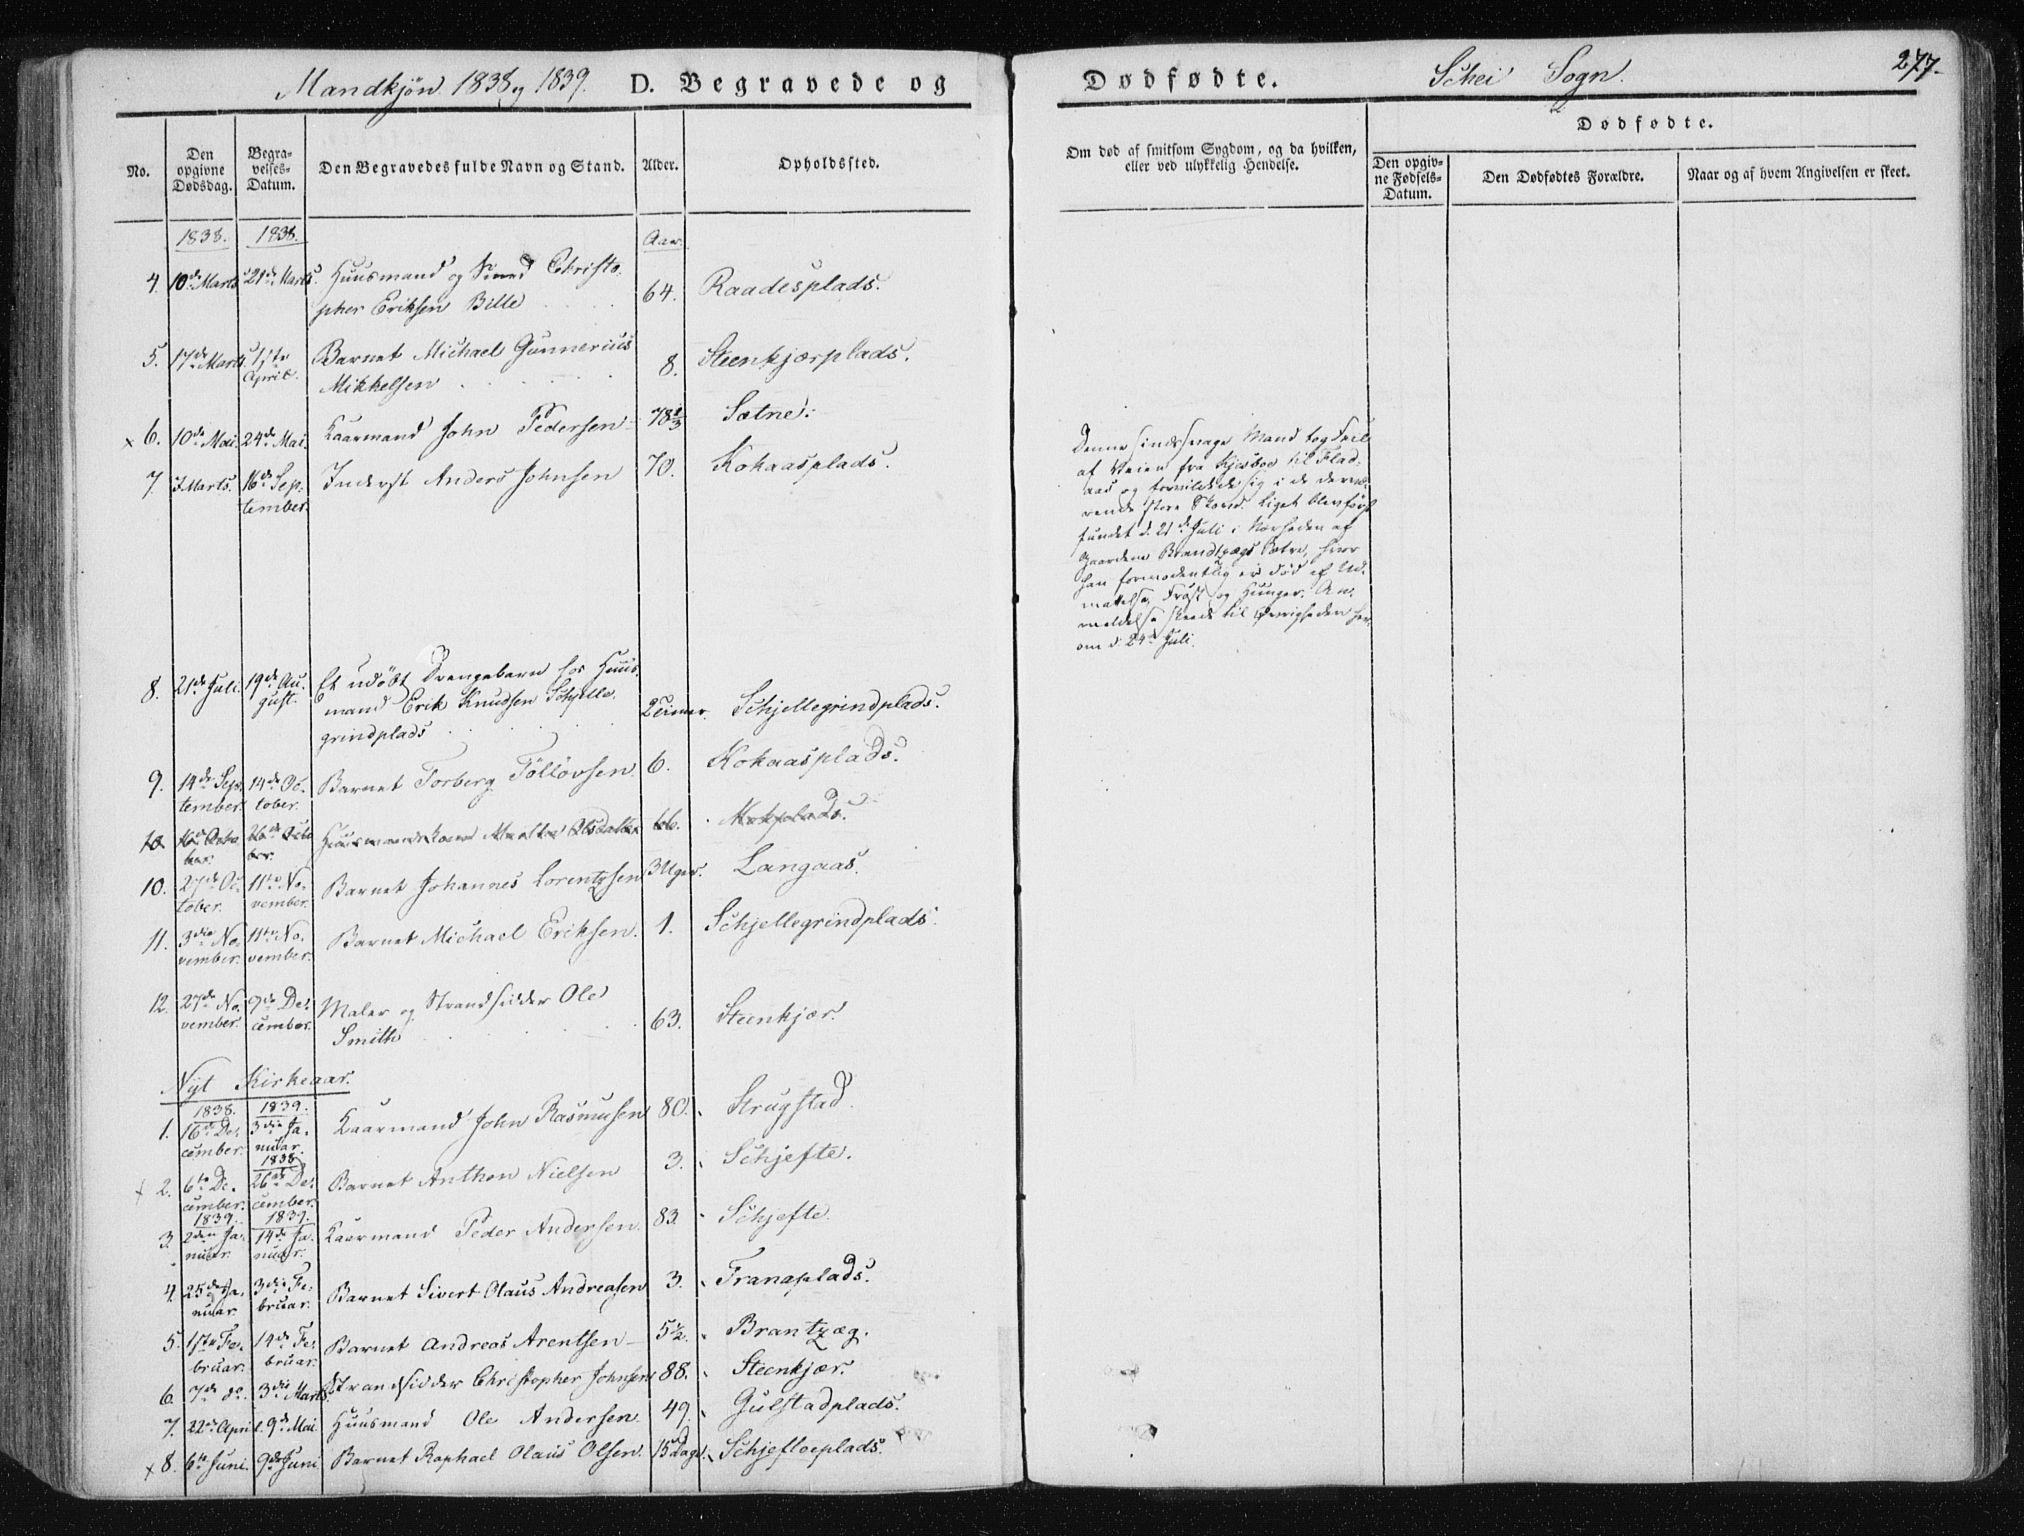 SAT, Ministerialprotokoller, klokkerbøker og fødselsregistre - Nord-Trøndelag, 735/L0339: Ministerialbok nr. 735A06 /2, 1836-1848, s. 277